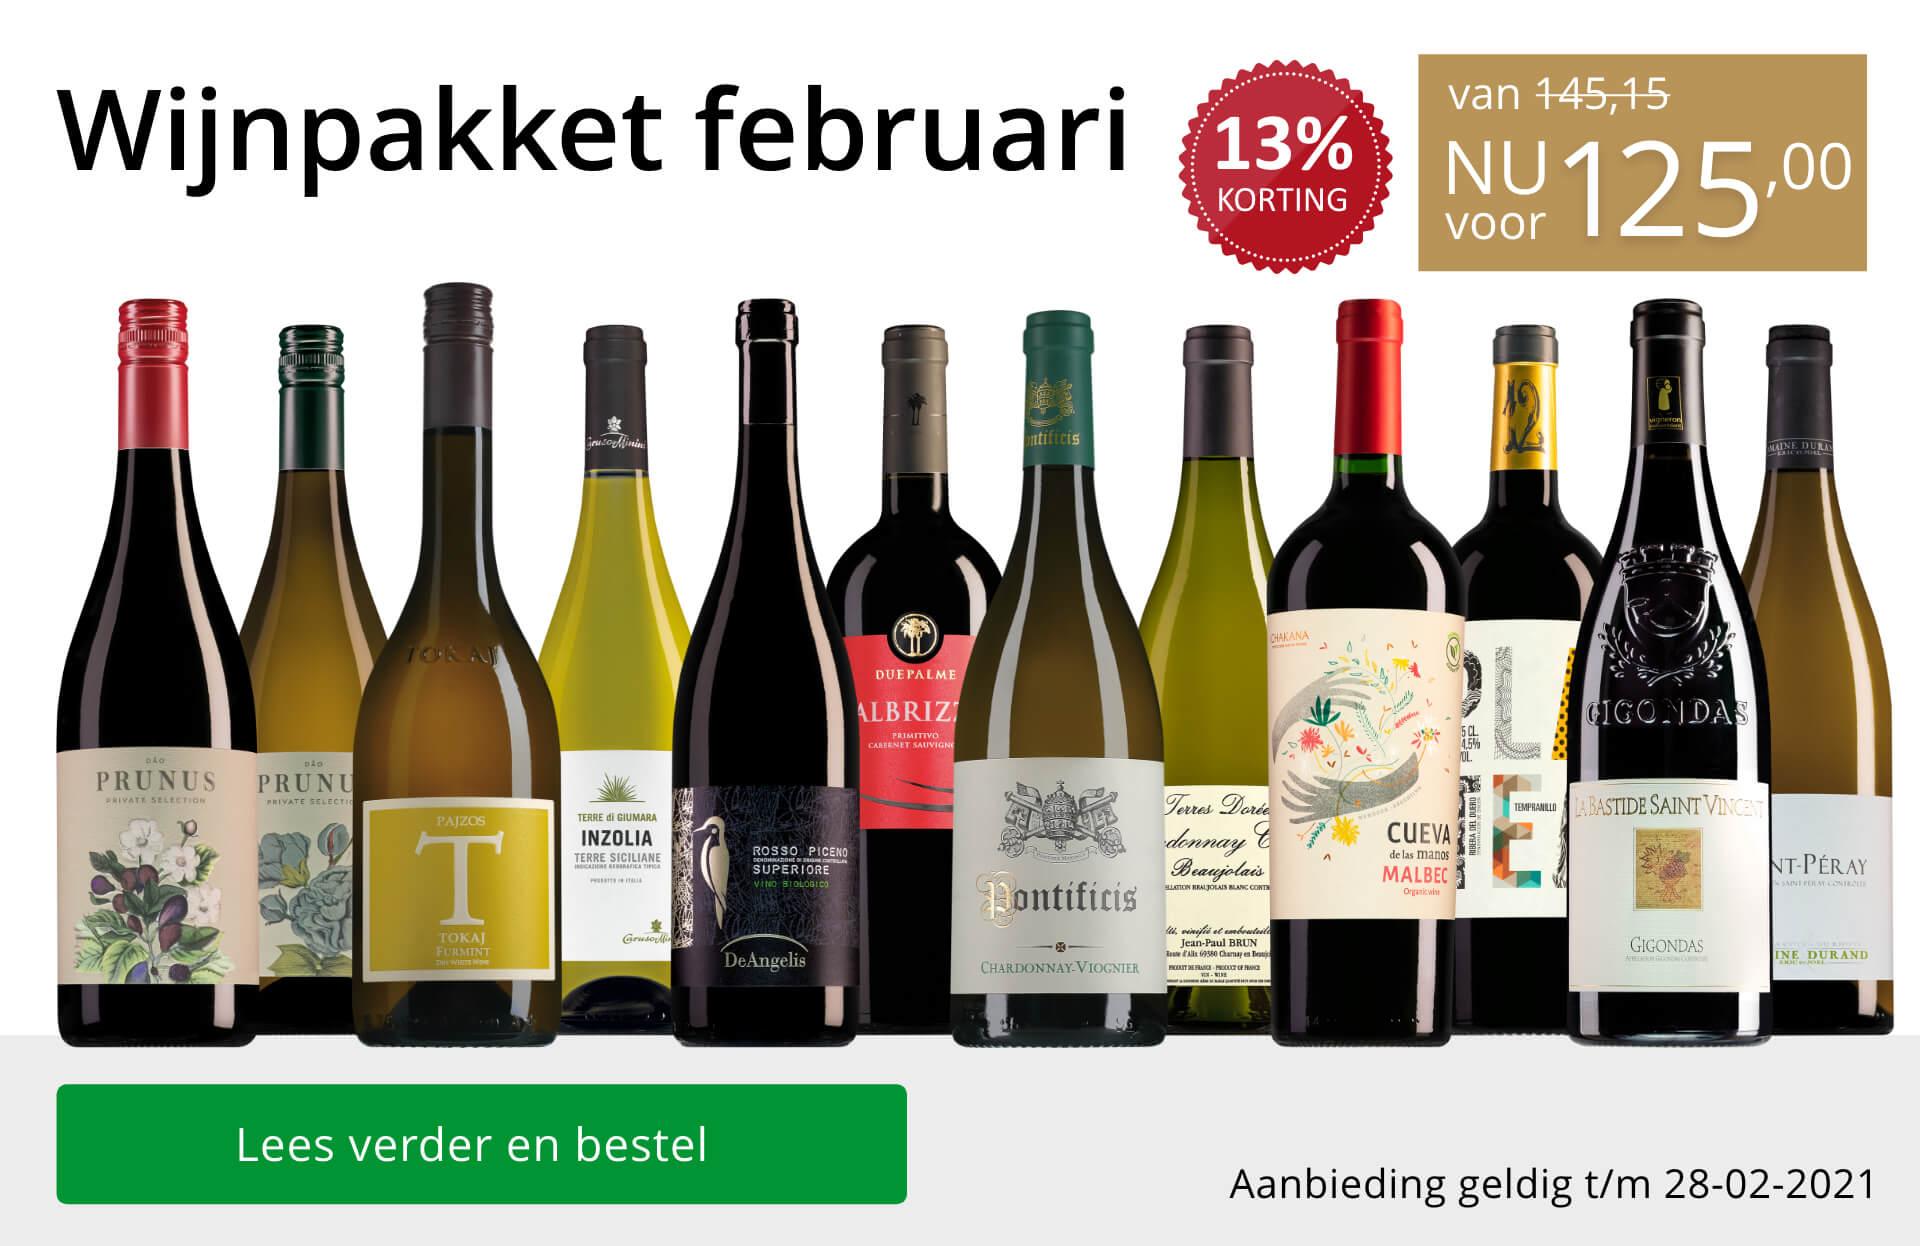 Wijnpakket wijnbericht februari 2021(125,00)-goud/zwart